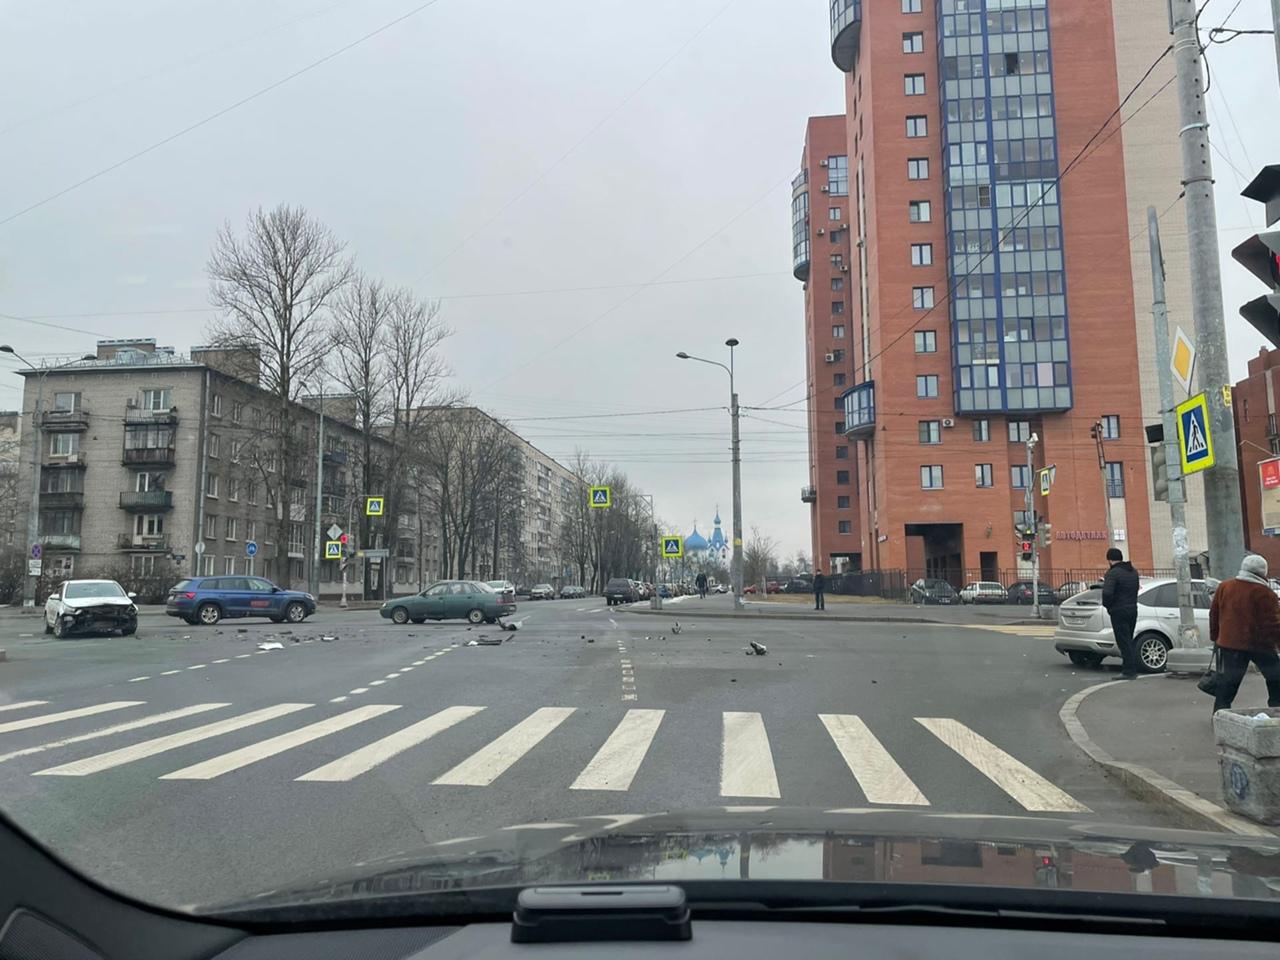 Фокус и Hyundai Ситимобиль раскидали свой пластик на перекрёстке Гагарина и Ленсовета , гаи пока нет